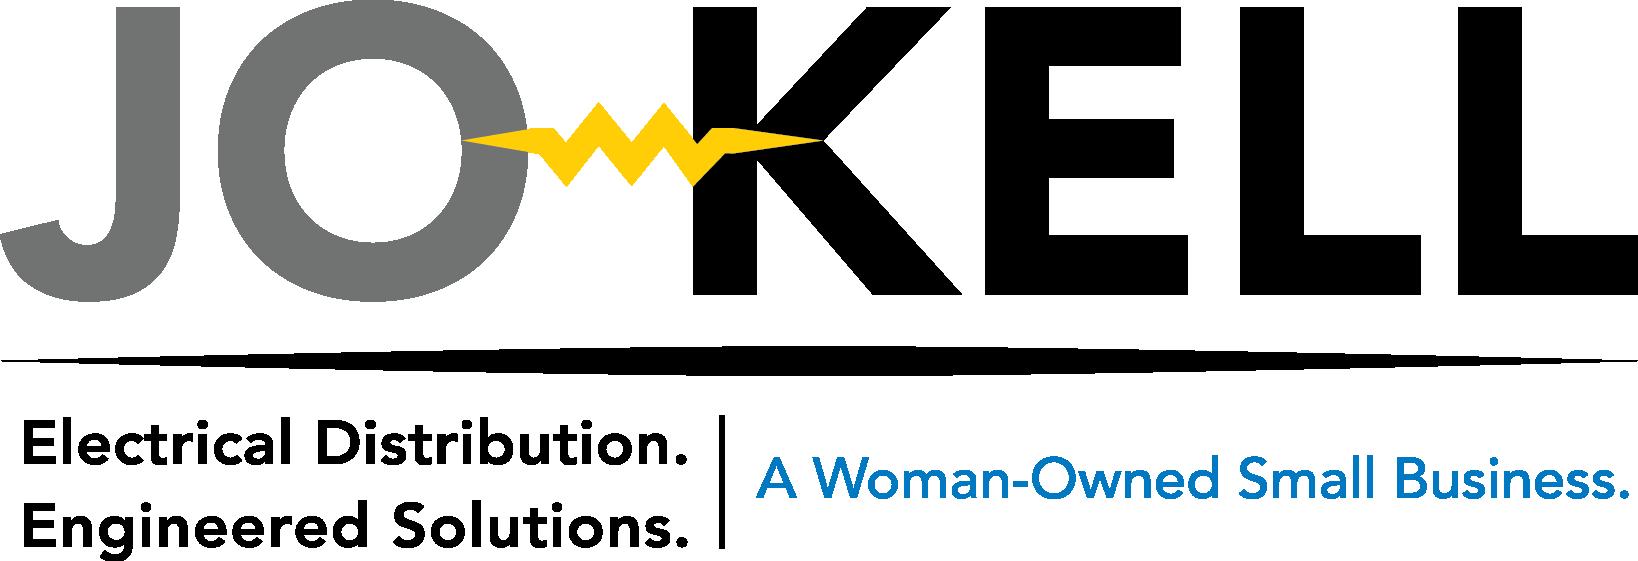 Jo-Kell, Inc. logo